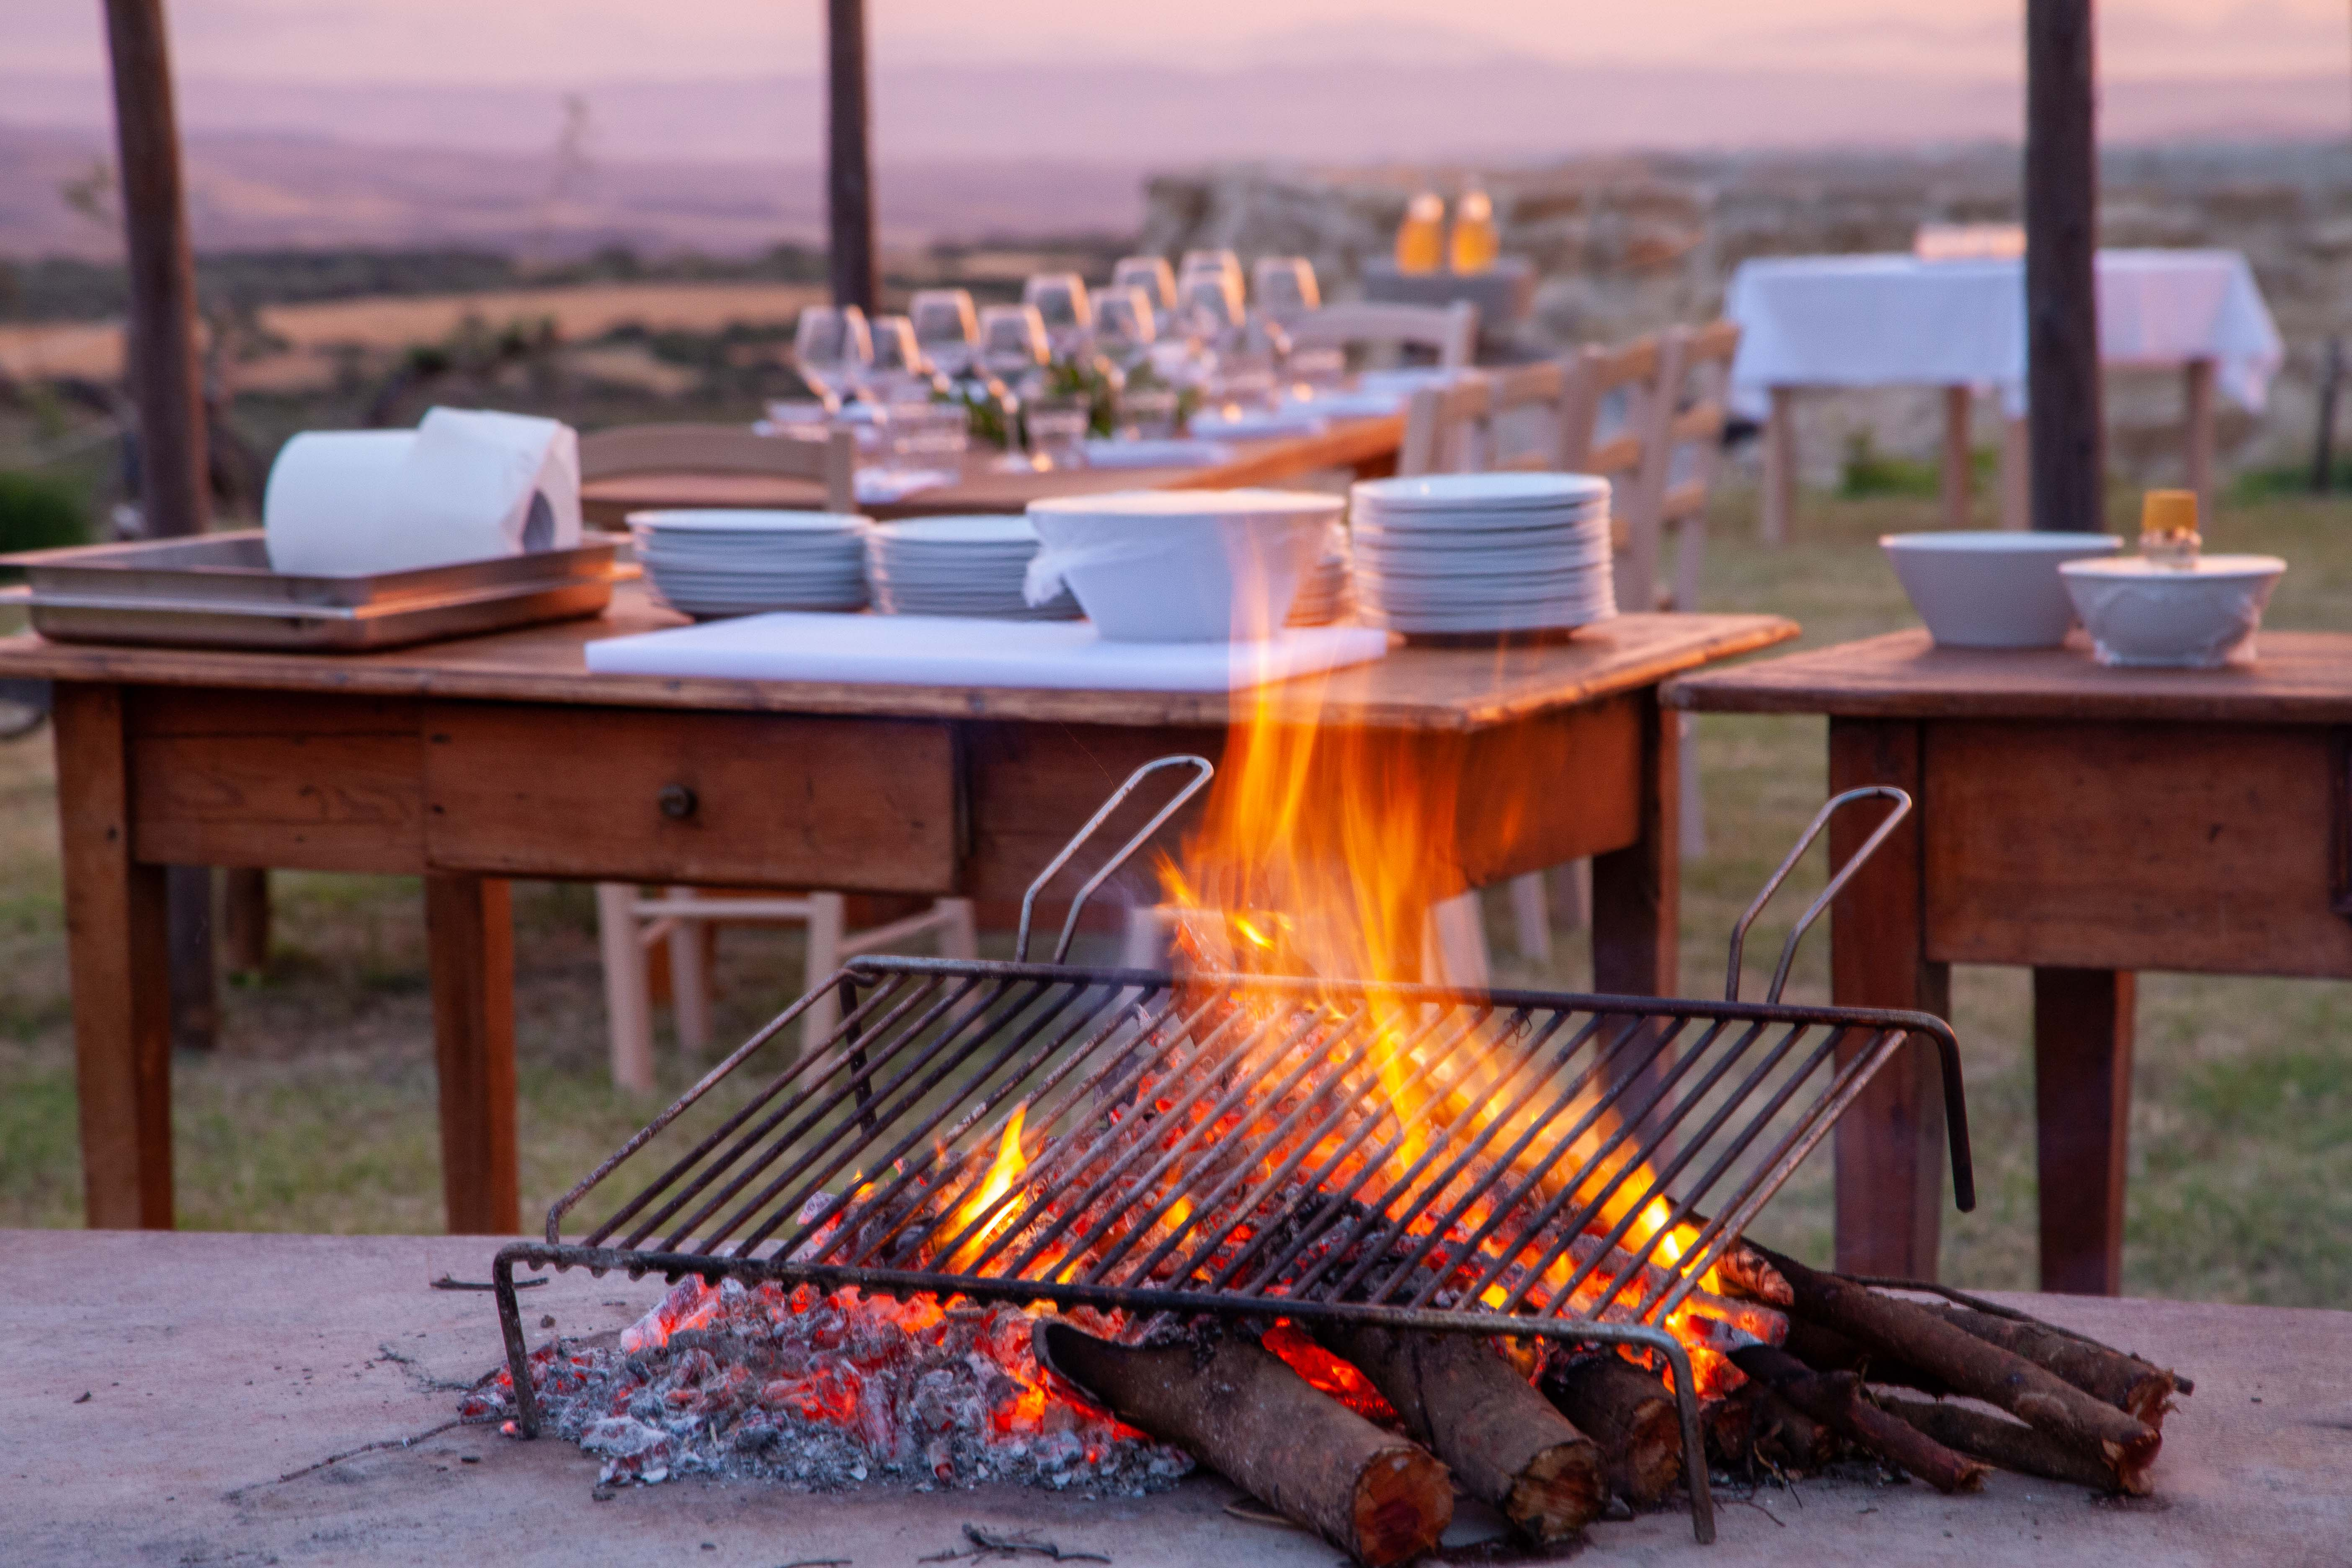 Vor dem Grill über offenem Feuer ist der Tisch zum Abendessen gedeckt.n.